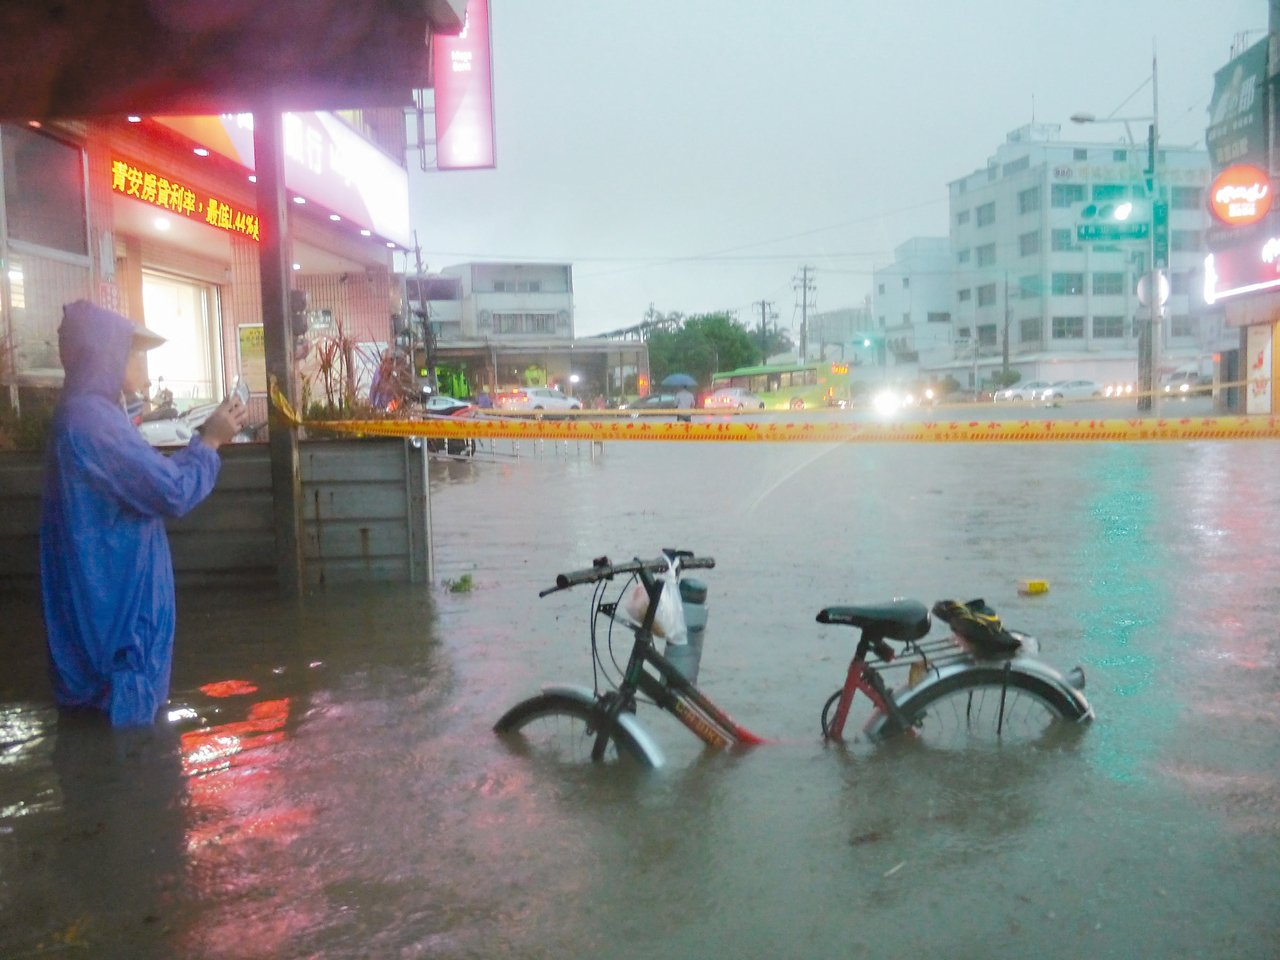 昨天下午一場大雨,高雄市仁武區中正路一帶水淹及膝。 記者徐白櫻/攝影